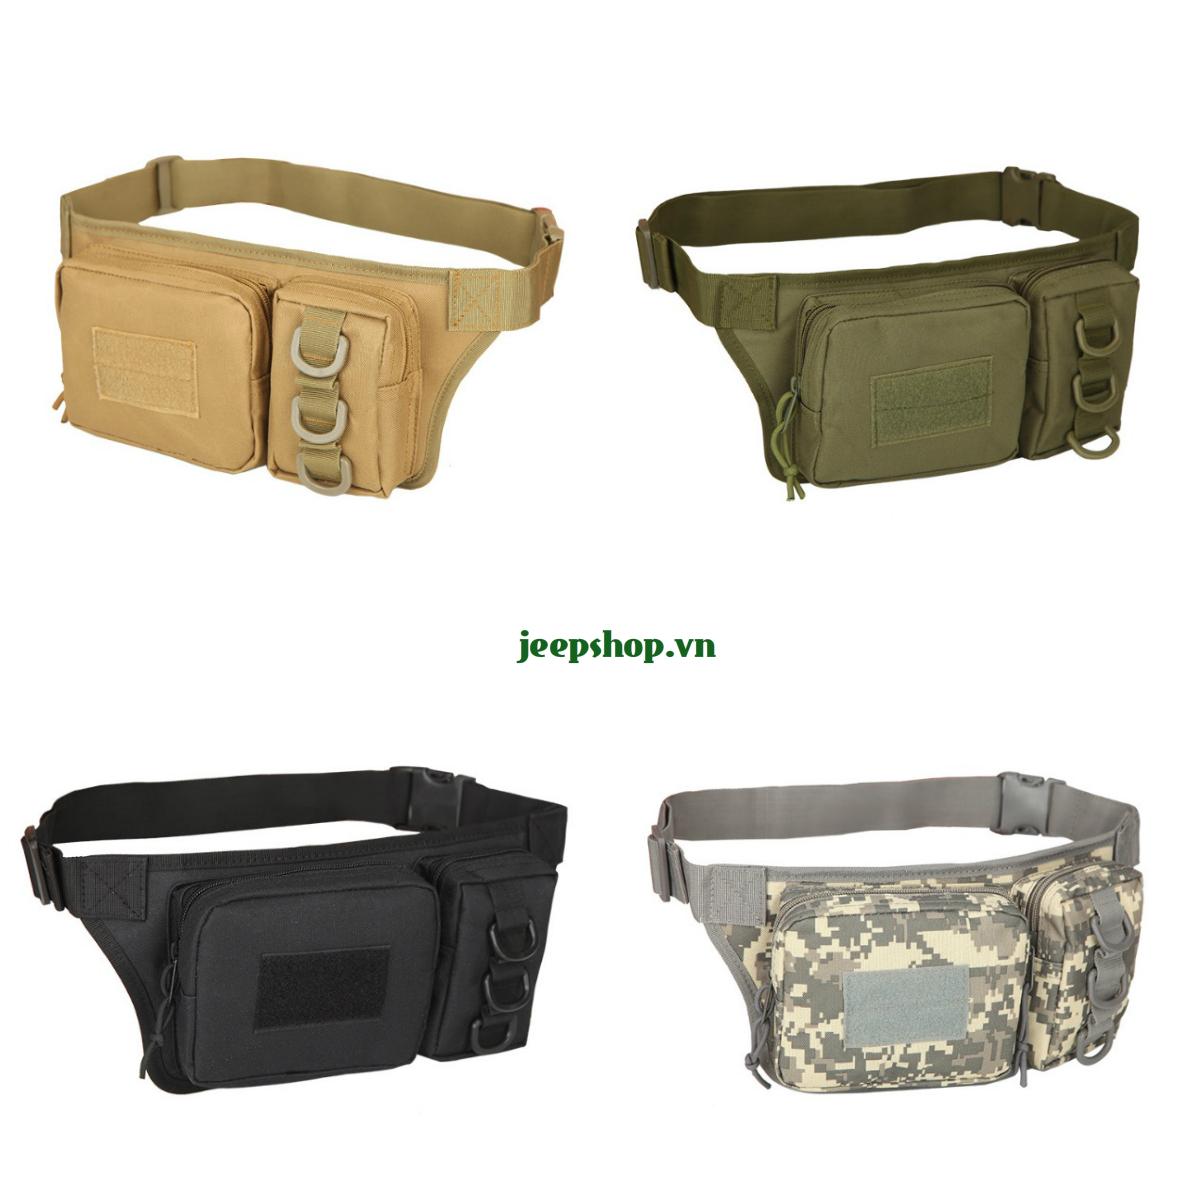 Chuyên cung cấp Ba lô , Túi đeo, Túi xách, Giày... phong cách lính